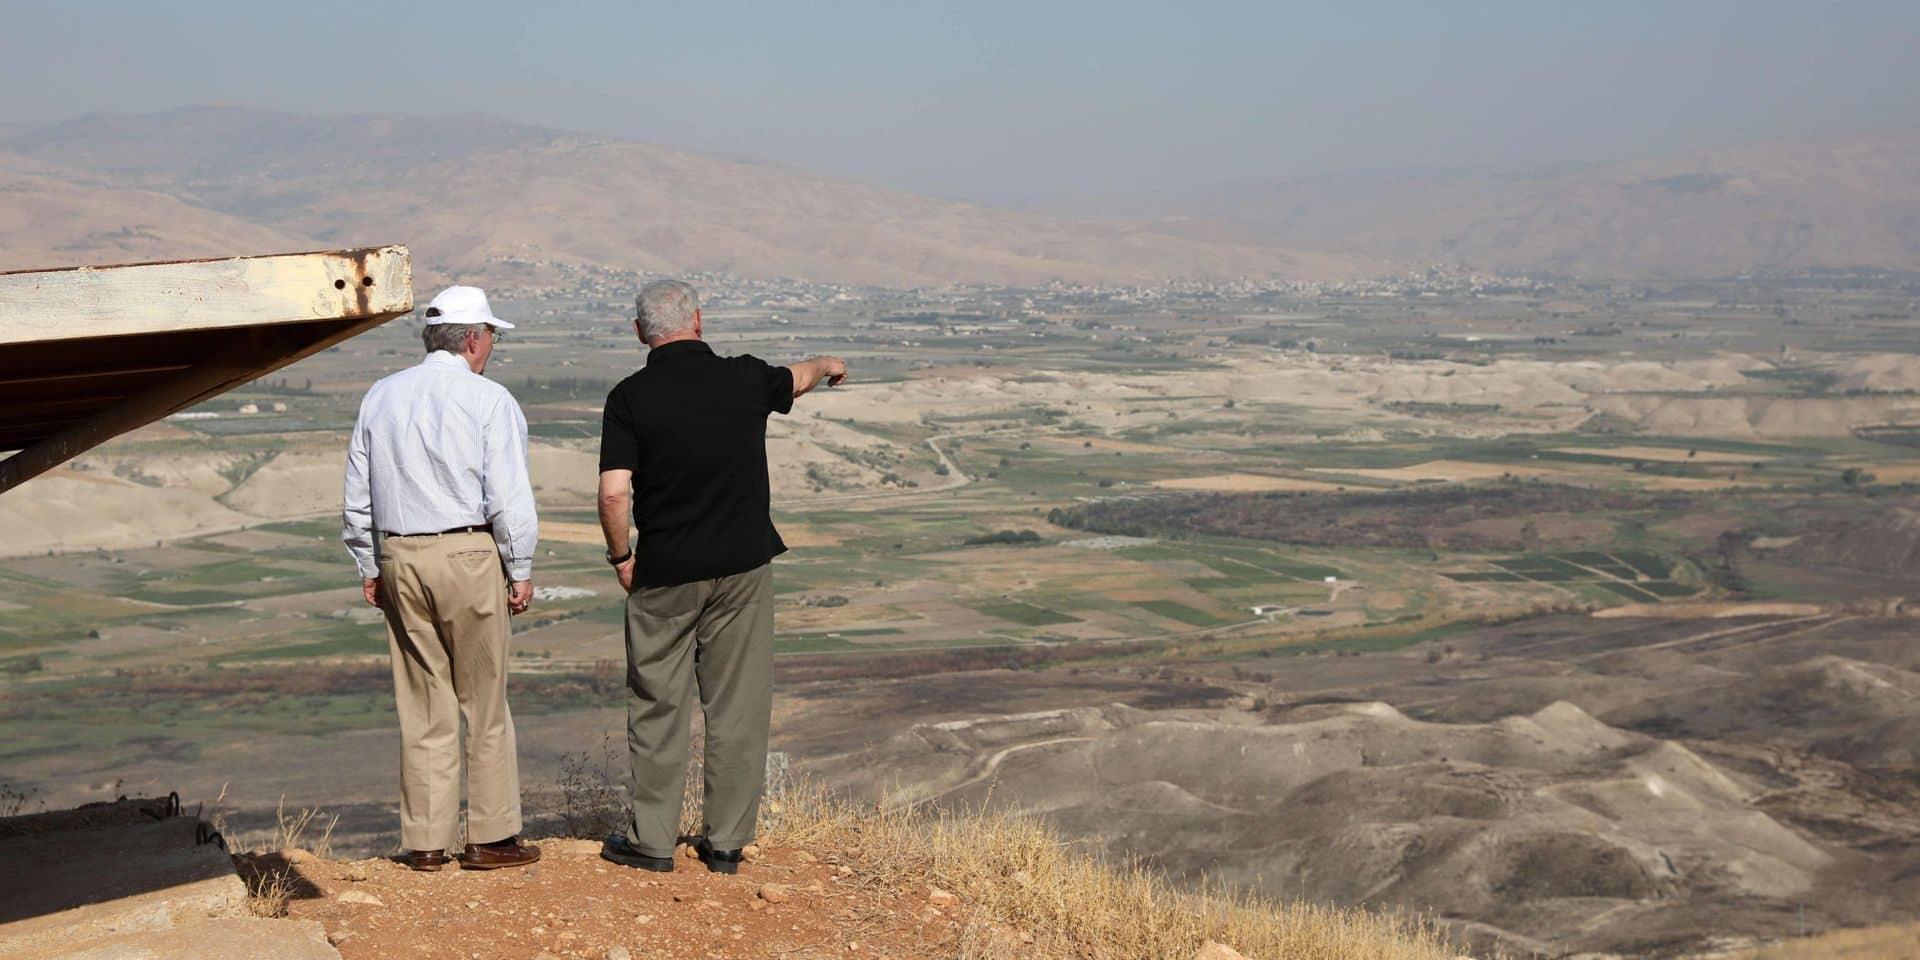 Le Premier ministre israélien Benjamin Netanyahu a promis mardi d'annexer la vallée du Jourdain, région stratégique de la Cisjordanie occupée, s'il est réélu aux législatives du 17 septembre.